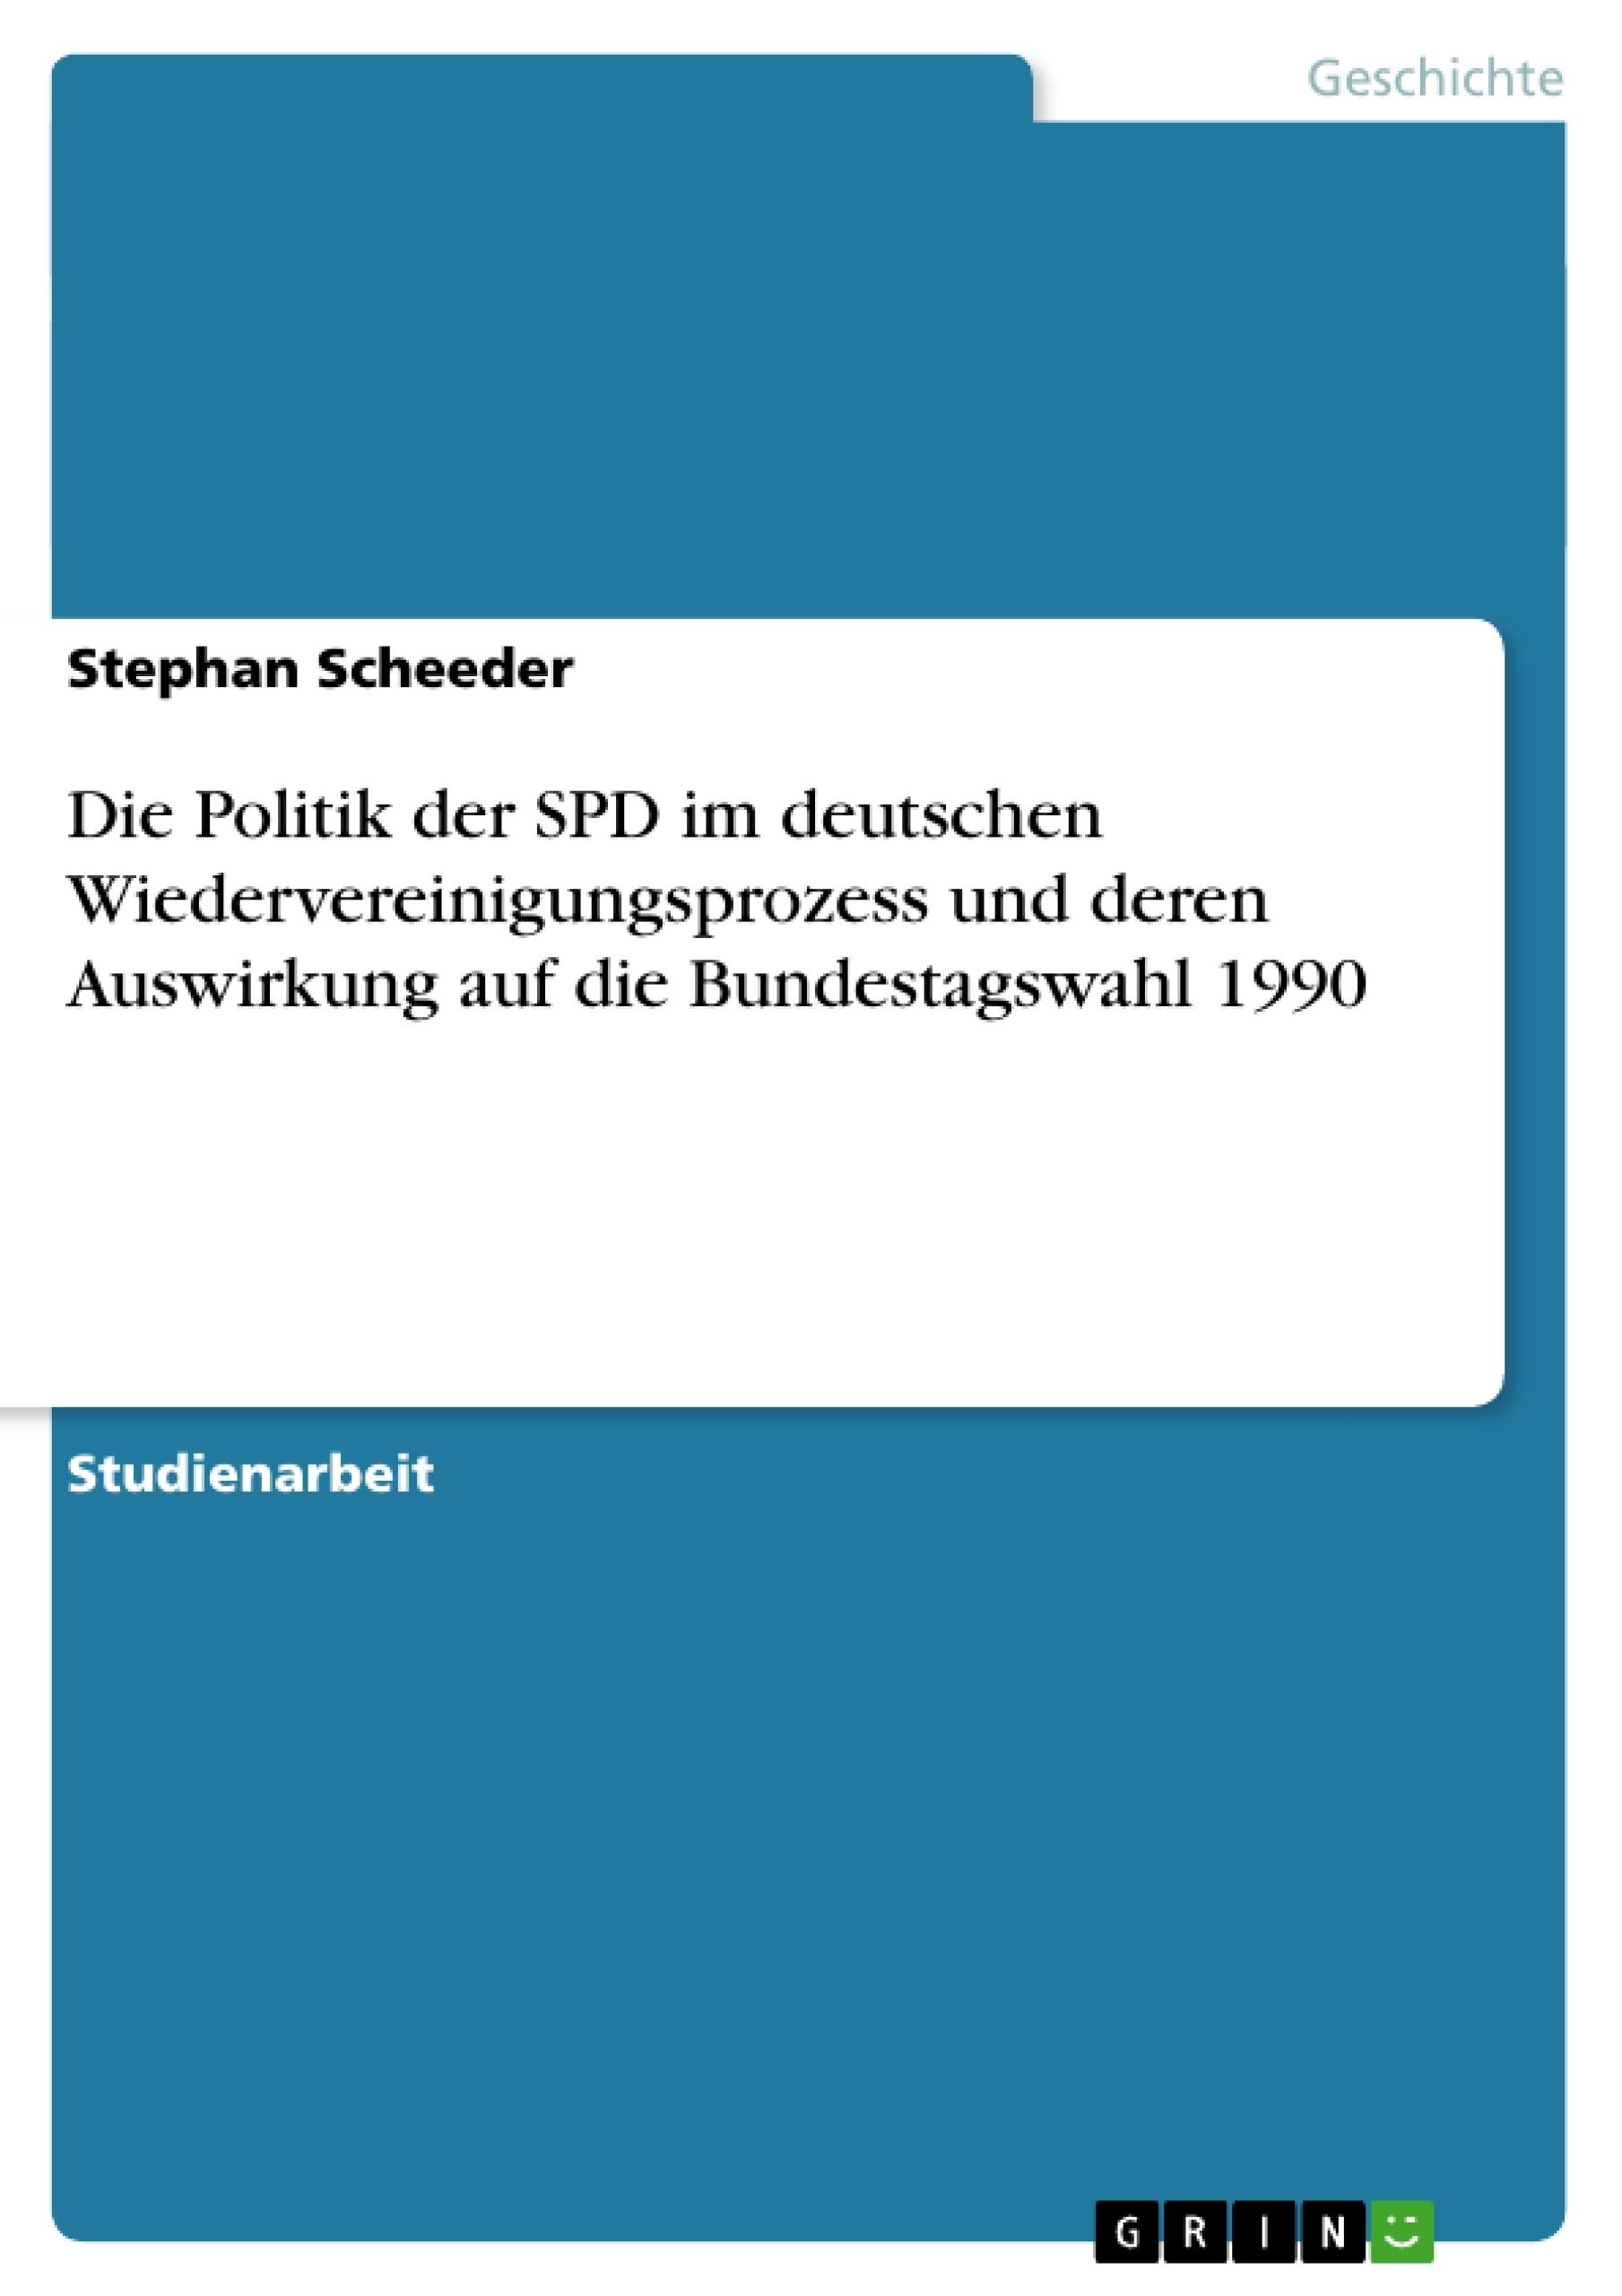 Titel: Die Politik der SPD im deutschen Wiedervereinigungsprozess und deren Auswirkung auf die Bundestagswahl 1990